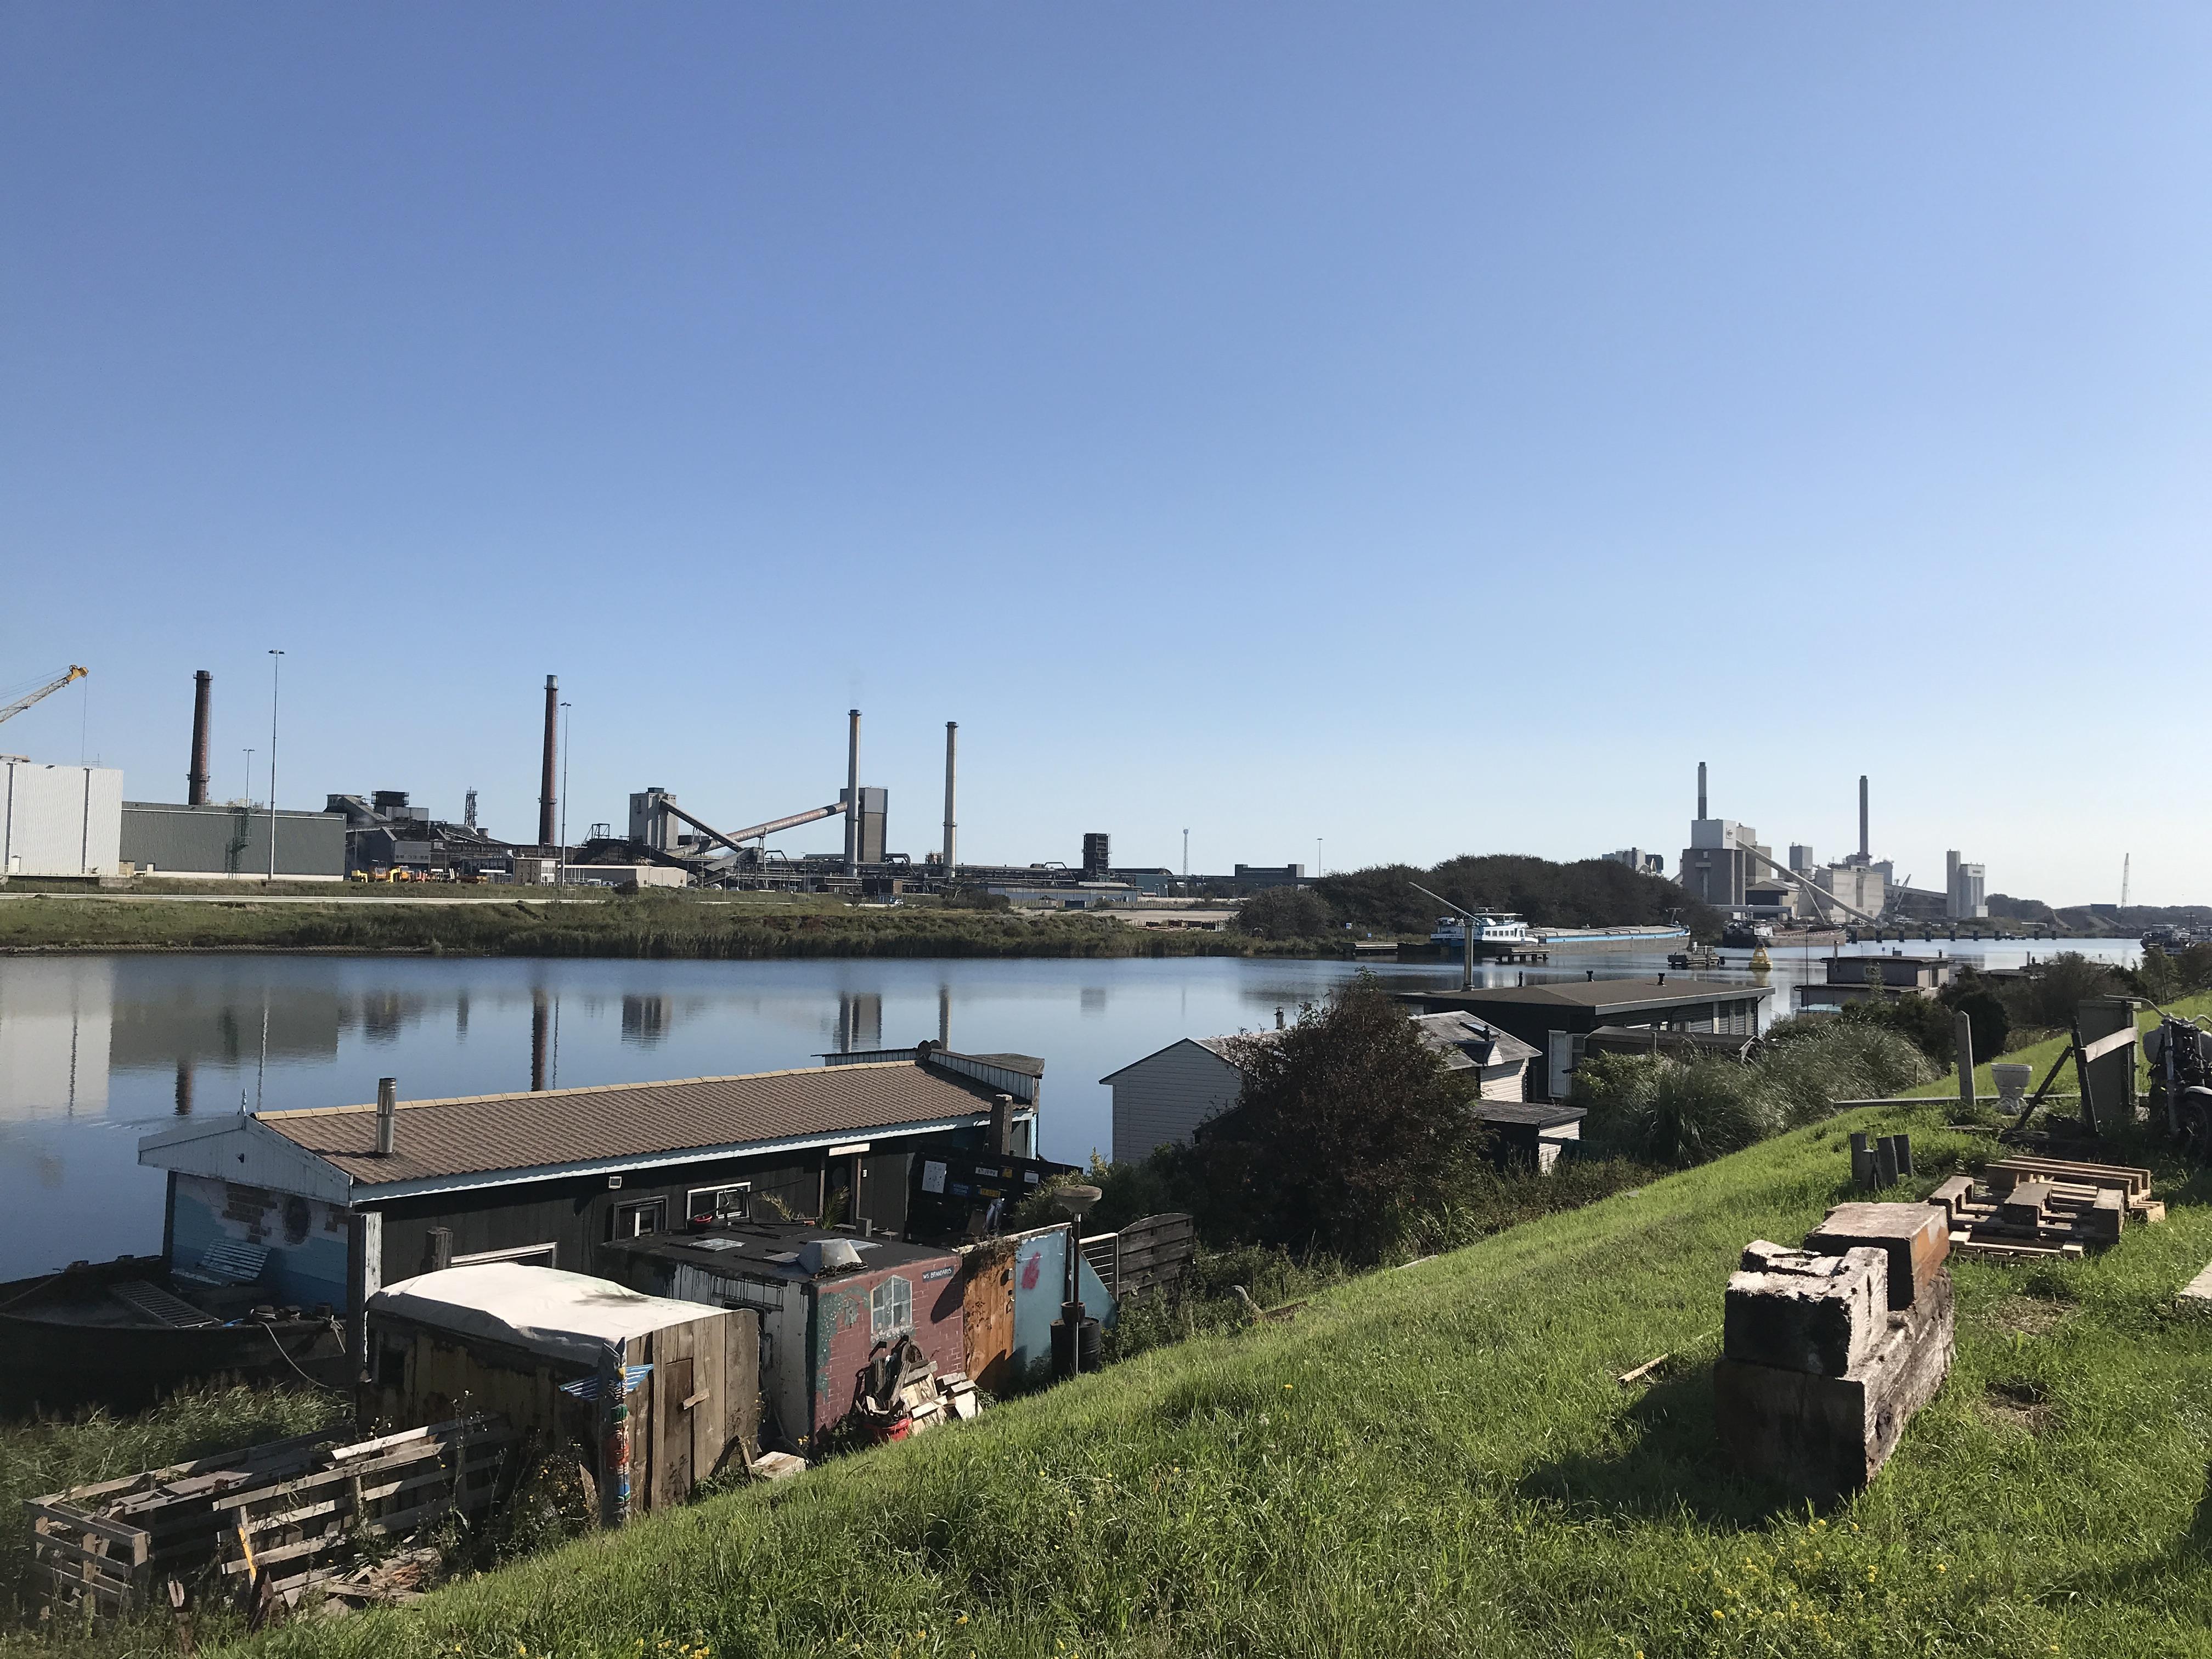 Woonschepen IJmuiden moeten wél weg vanwege windmolens: geopenbaarde documenten wijzen op een direct verband